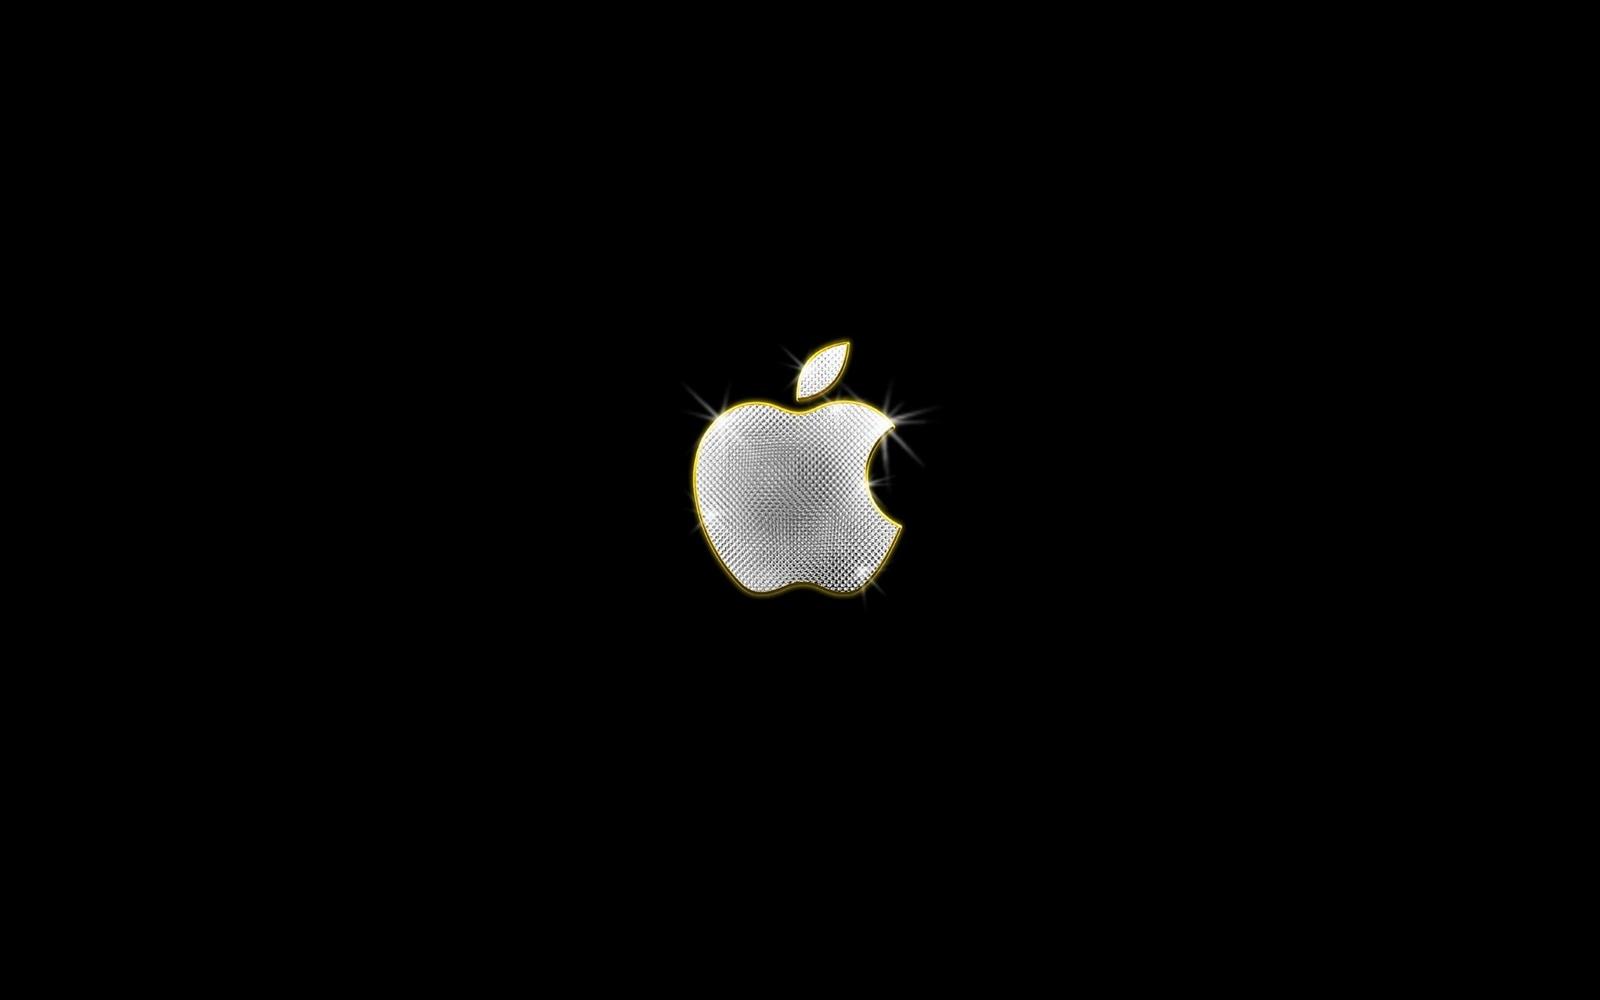 Apple MAC Wallpapers, Desktop wallpapers. Desktop HD Wallpapers ...